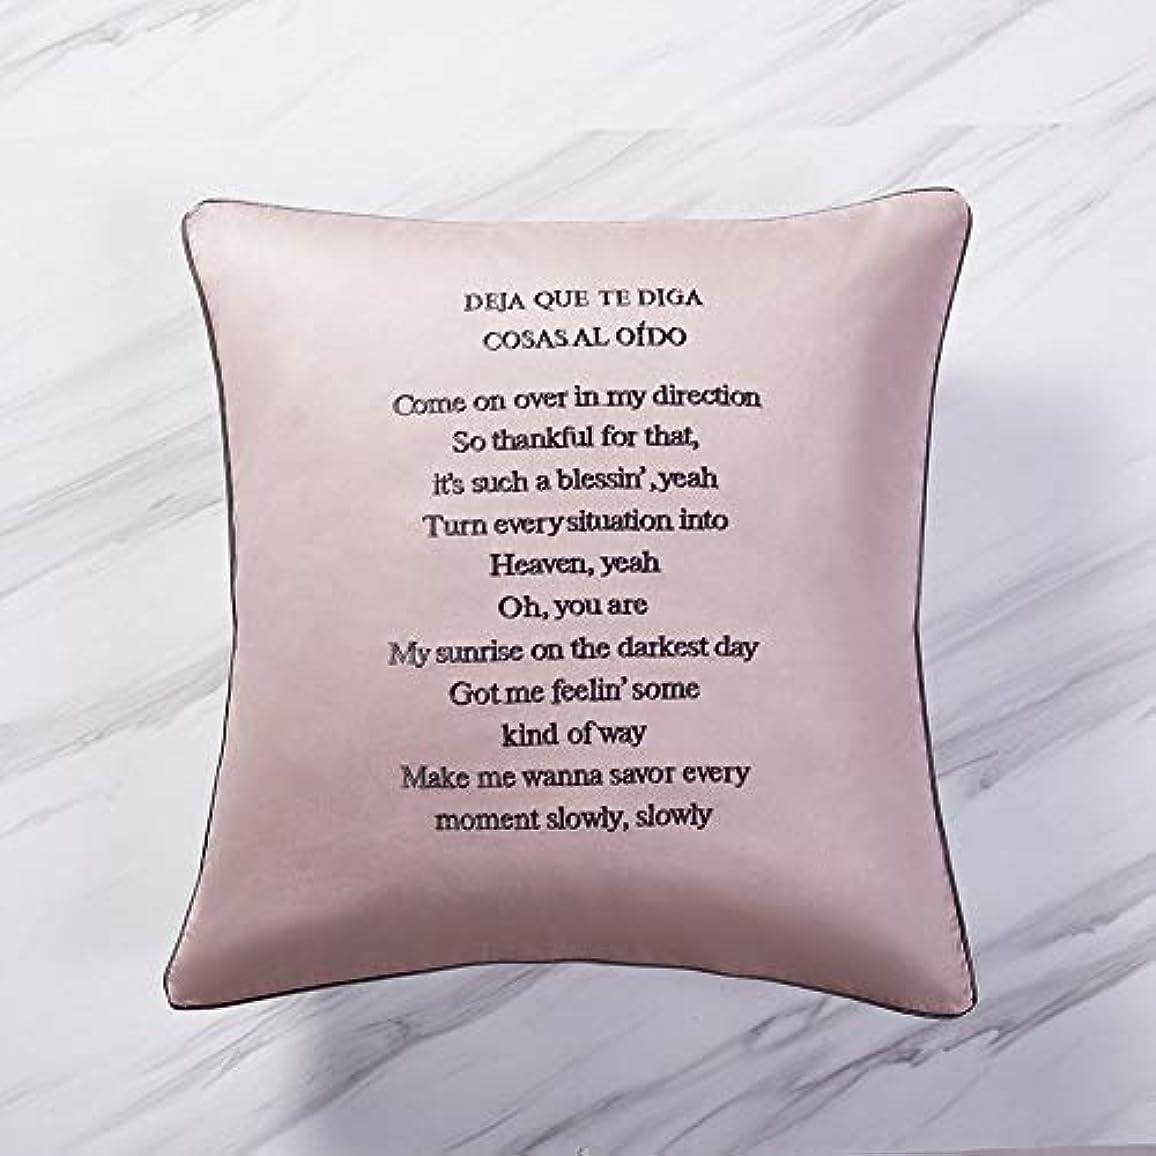 アーティファクトリア王小間腰枕 ロングステープルコットン刺繍入りレターピローコットンソファーベッドbyウエストクッションピローケース付きコア (色 : Cream powder, Size : 45*45cm)